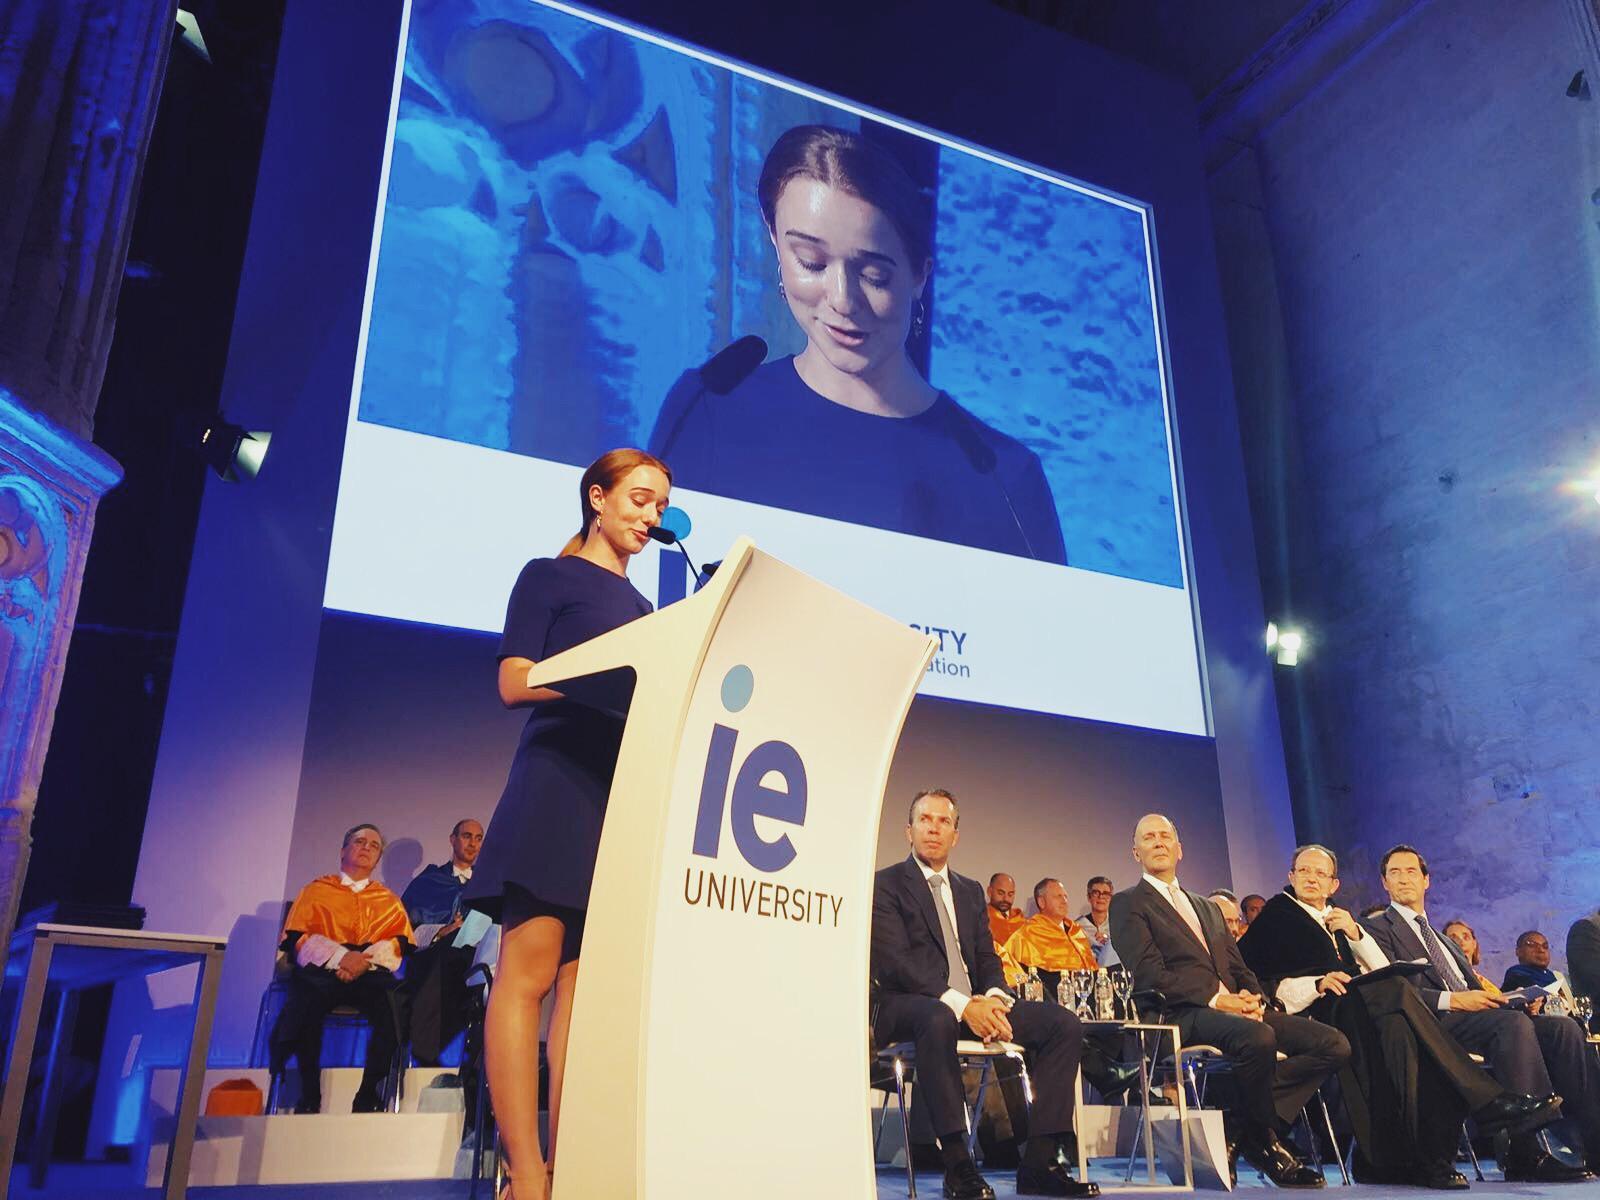 Fellow:Giulia Camargo - University Innovation Fellows